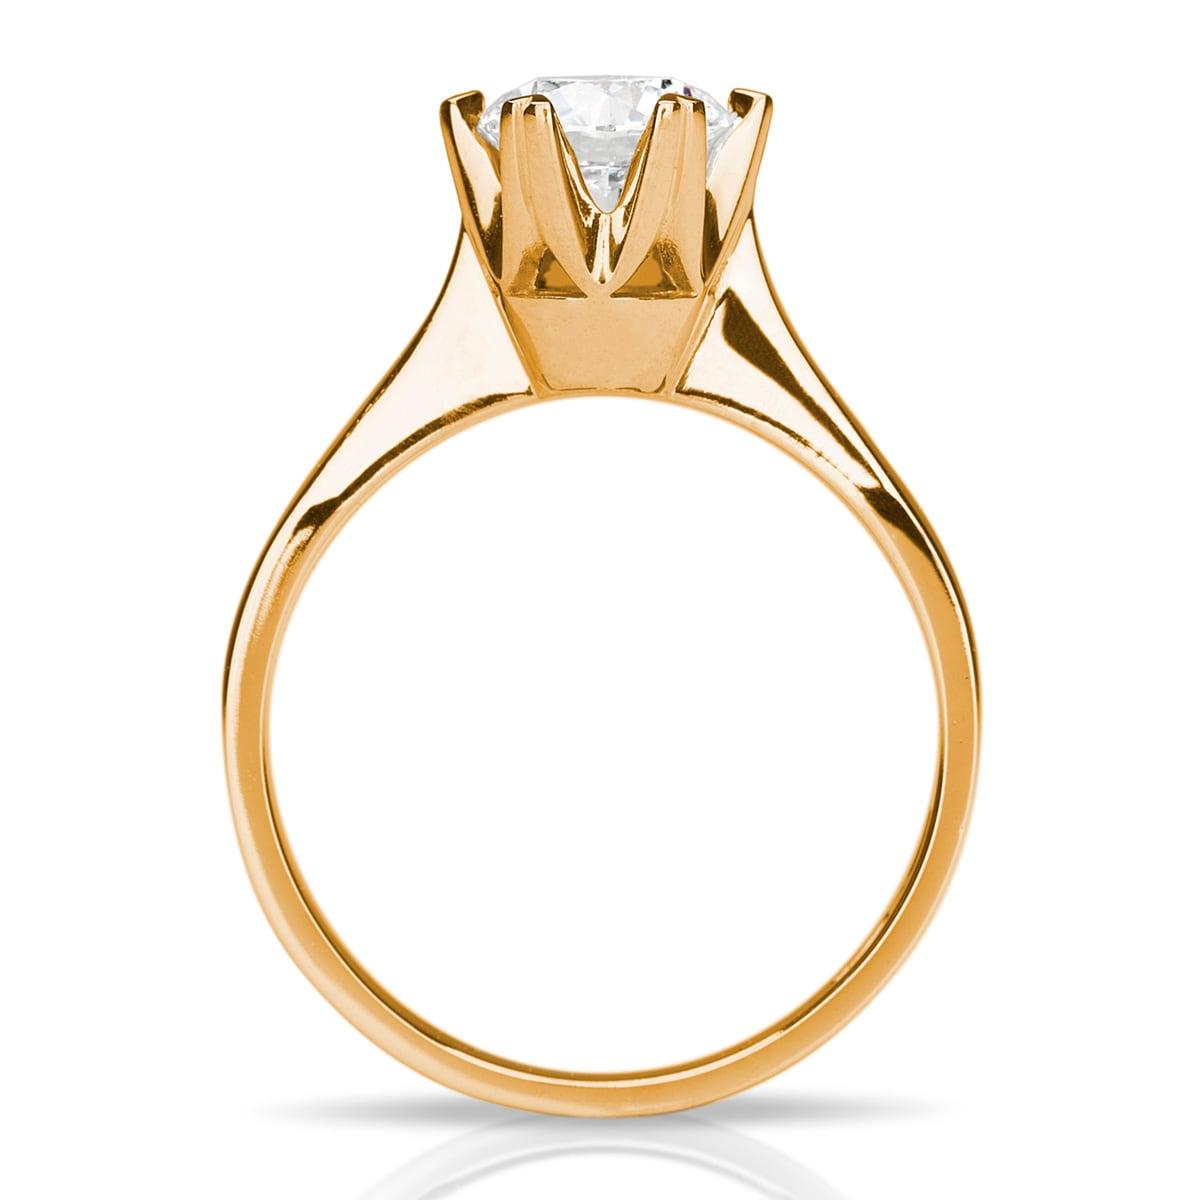 Sandin_56_Magnifik_enstens_diamantring_solitaire_1,02ct_rödguld_v1_hos Jarl_Sandin